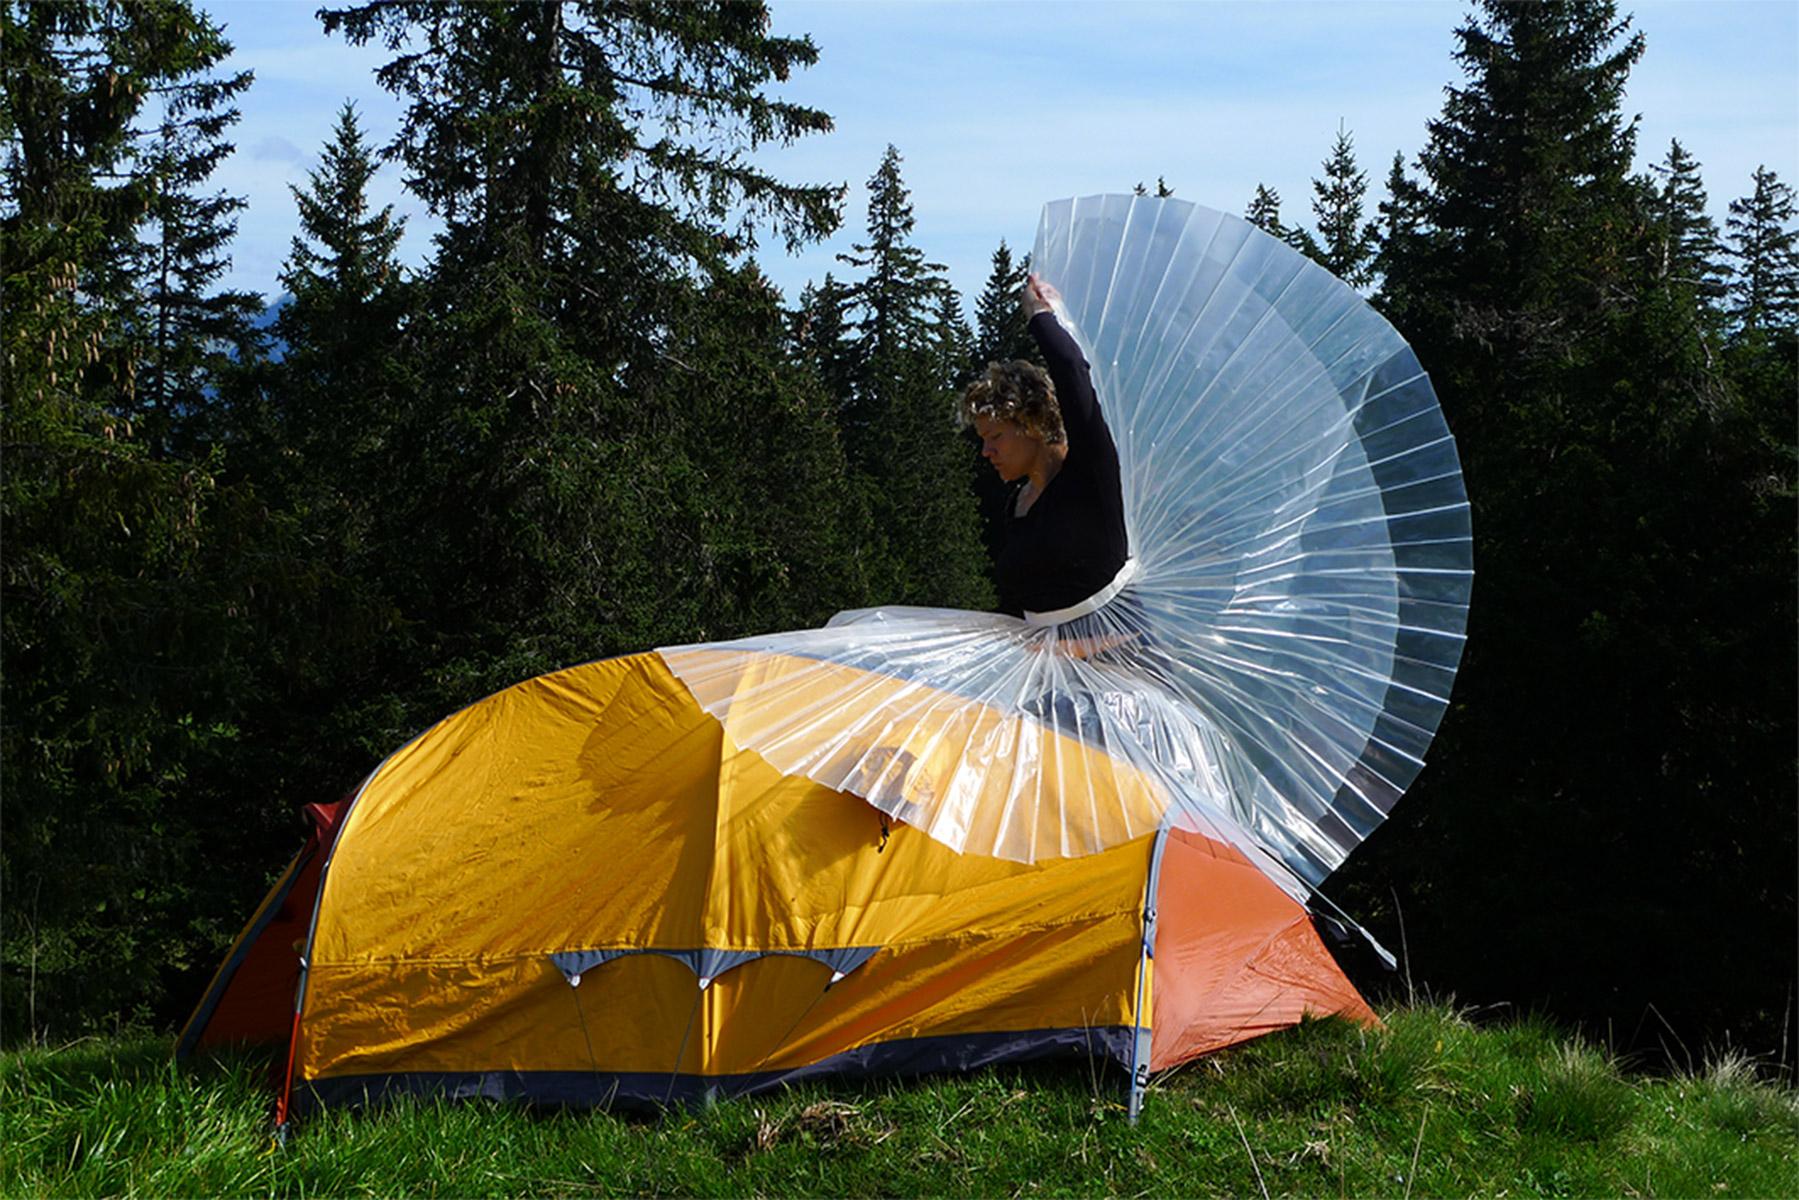 ...behutsam steichelt sie mit ihrem Faltrock aus Plastik über das Zelt... da ertönt ein weiterer Tagebuchauszug: Cedric und seine Kameraden sind zwei Tagen unterwegs am Berg zu ihrem Ziel, der Wintererstbesteigung....doch plötzlich bricht der Kontakt zu ihnen komplett ab! Olivia packt das Zelt, zerbricht die Zeltstangen, schnürt das Zelt wie ein Bündel zusammen...und geht raschen Schrittes weiter den Berg hoch....